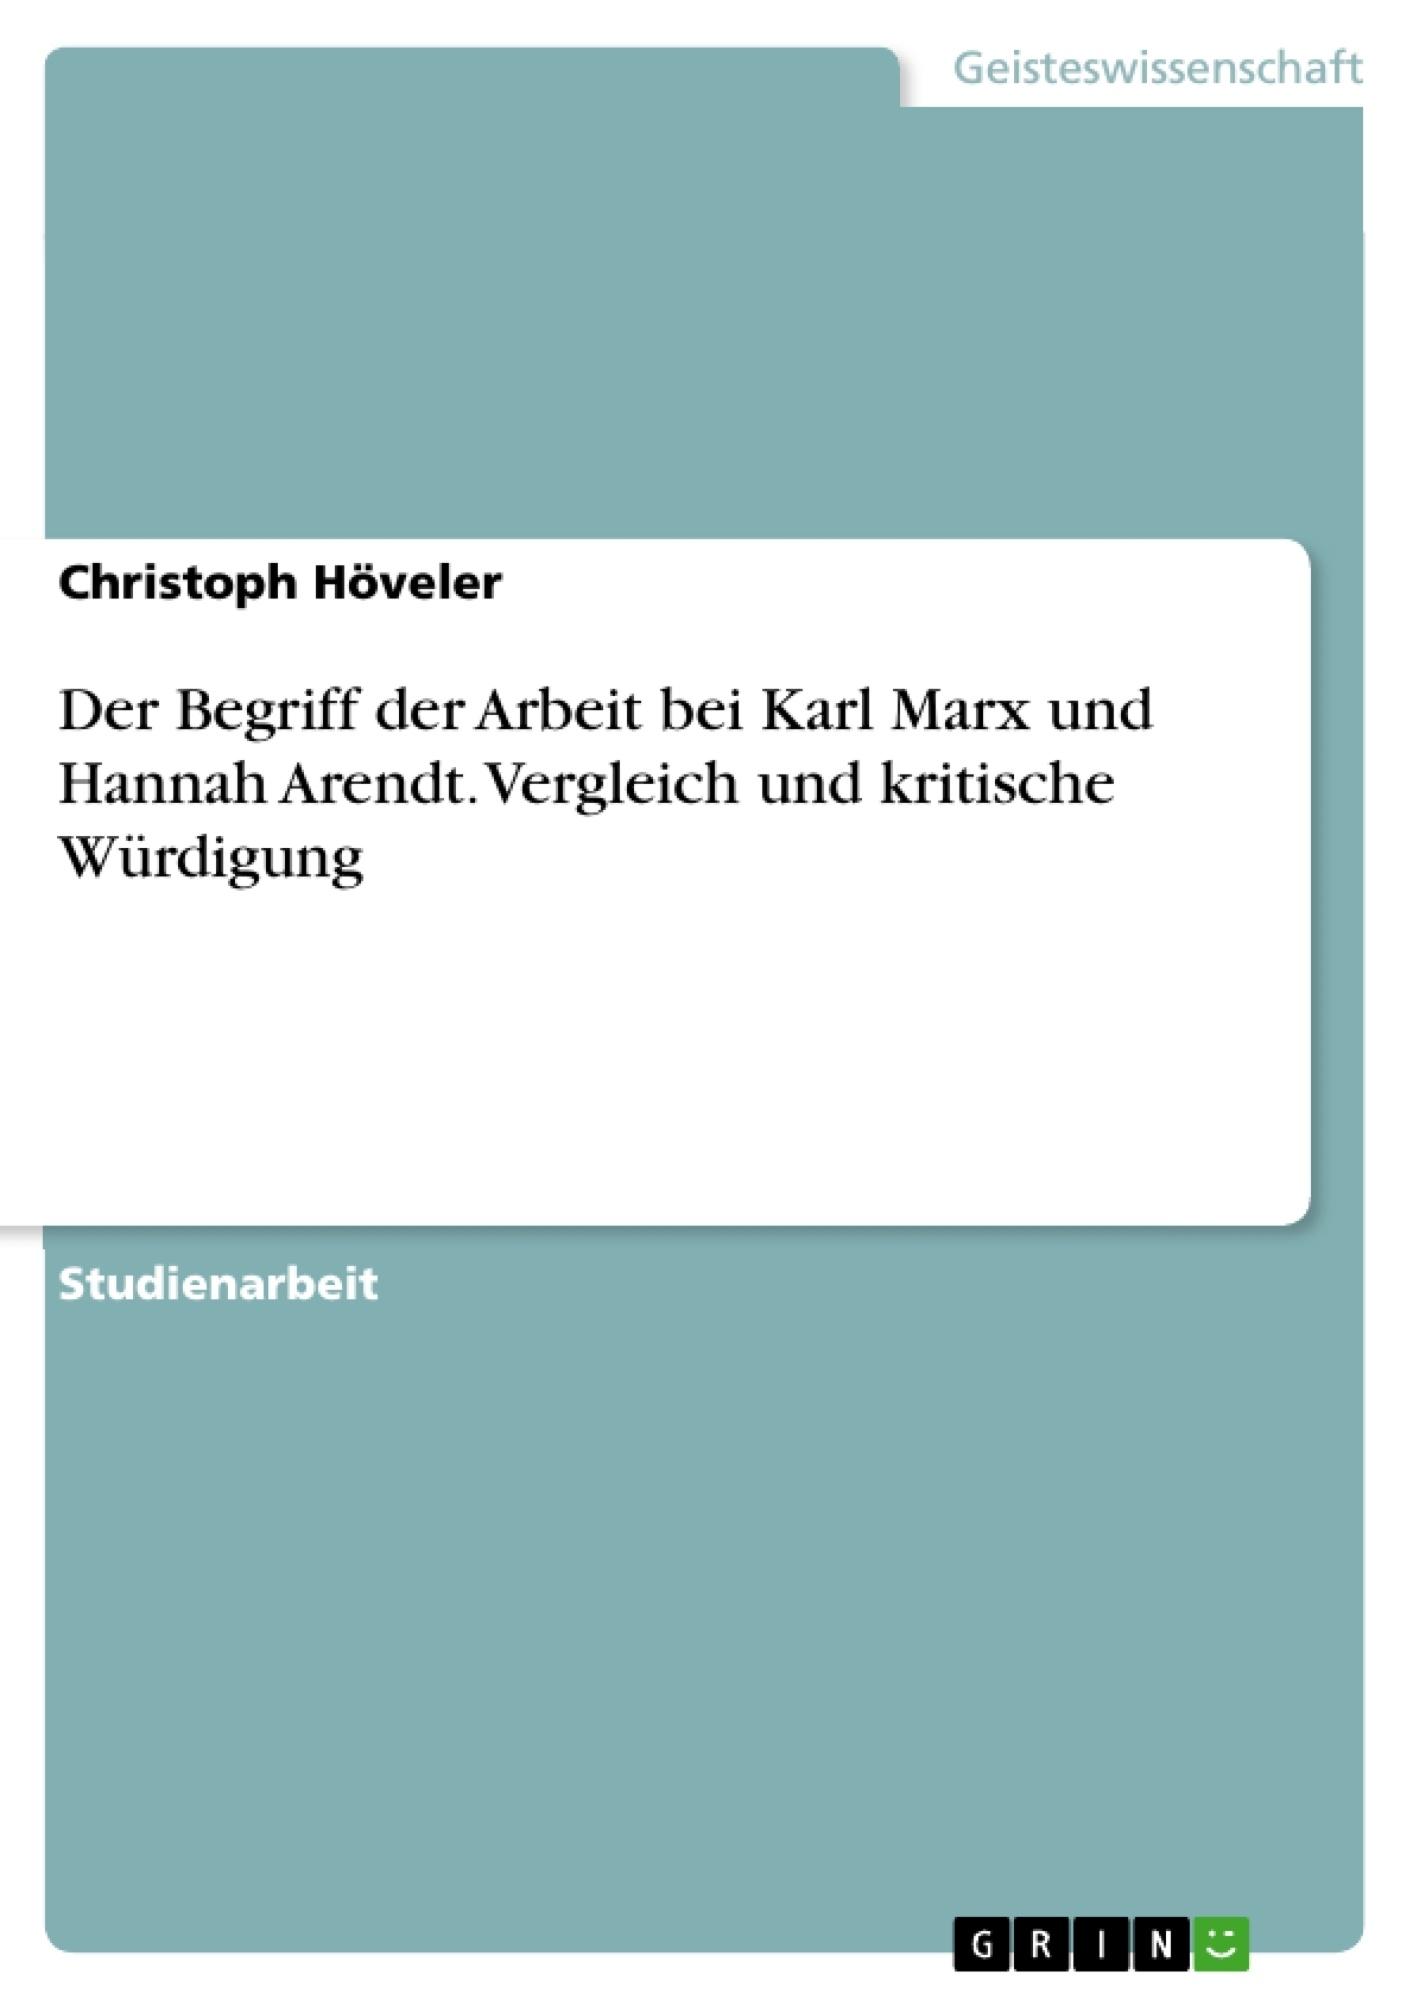 Titel: Der Begriff der Arbeit bei Karl Marx und Hannah Arendt. Vergleich und kritische Würdigung